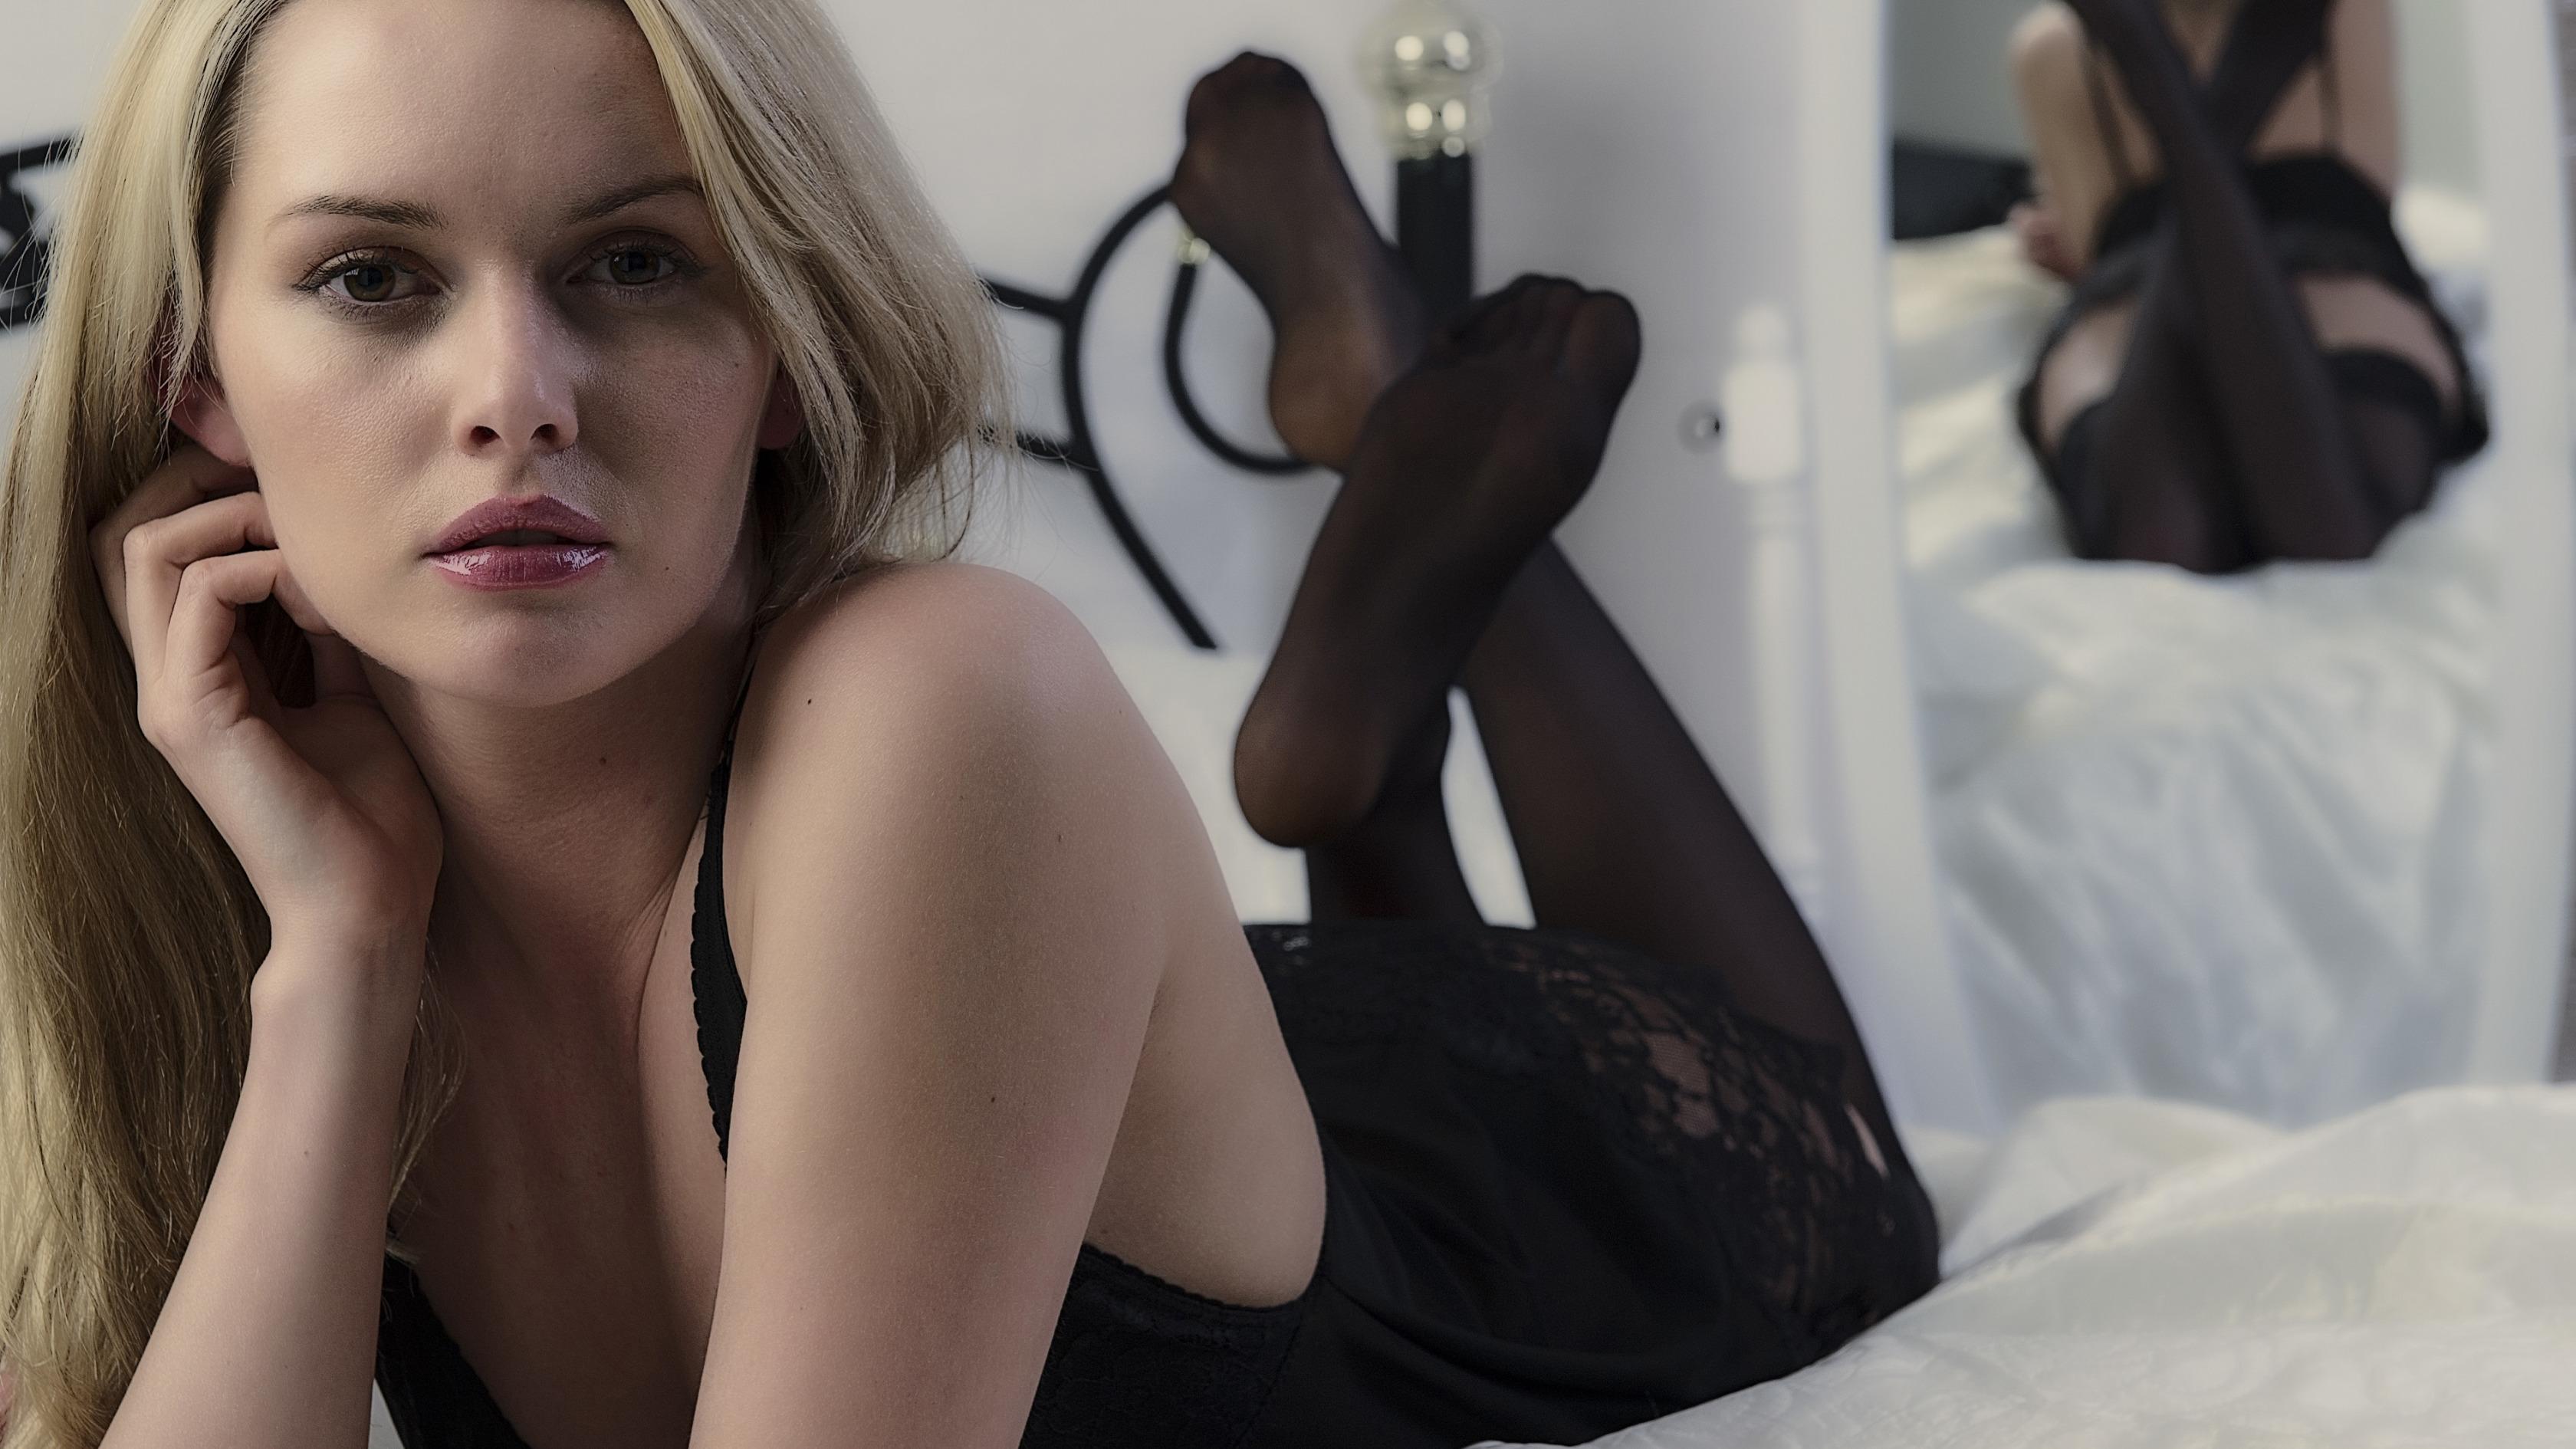 Секс у молоденькой с черным, Молоденькие порно, юные порно, секс 18 фотография